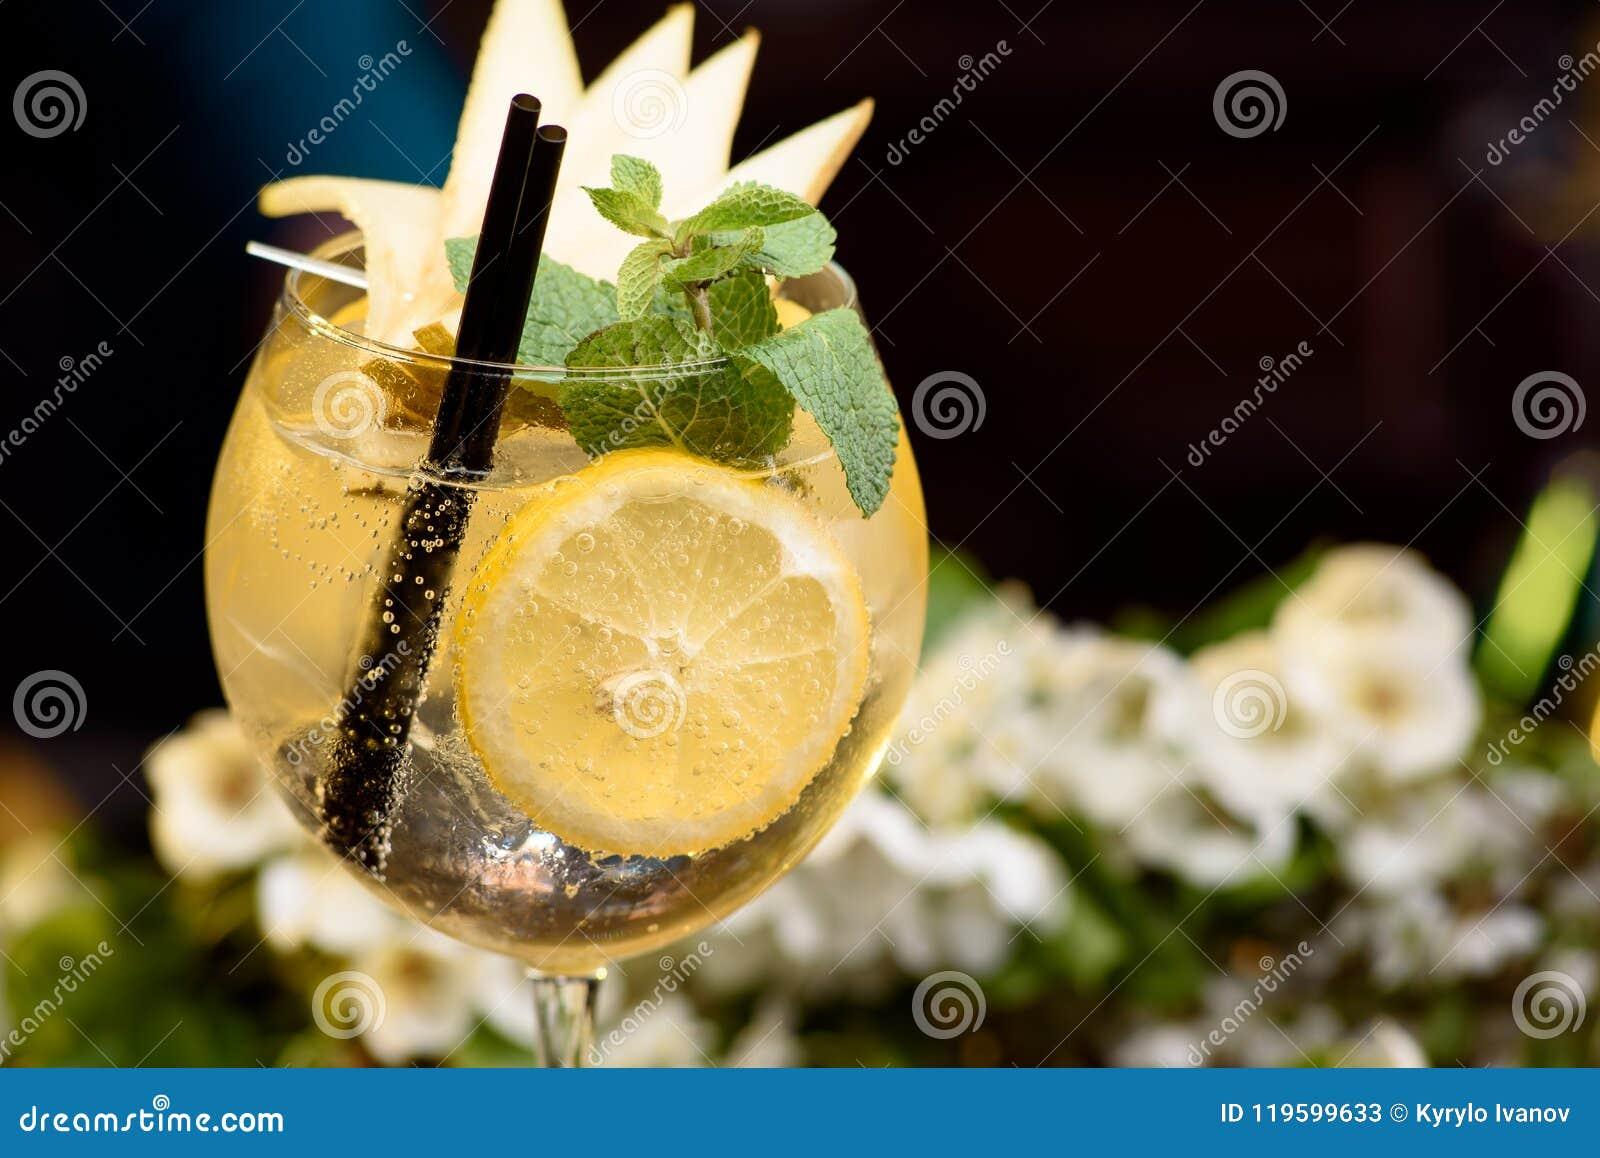 夏天鸡尾酒装饰用在一张木桌上的薄菏、柠檬和切片梨在花卉背景